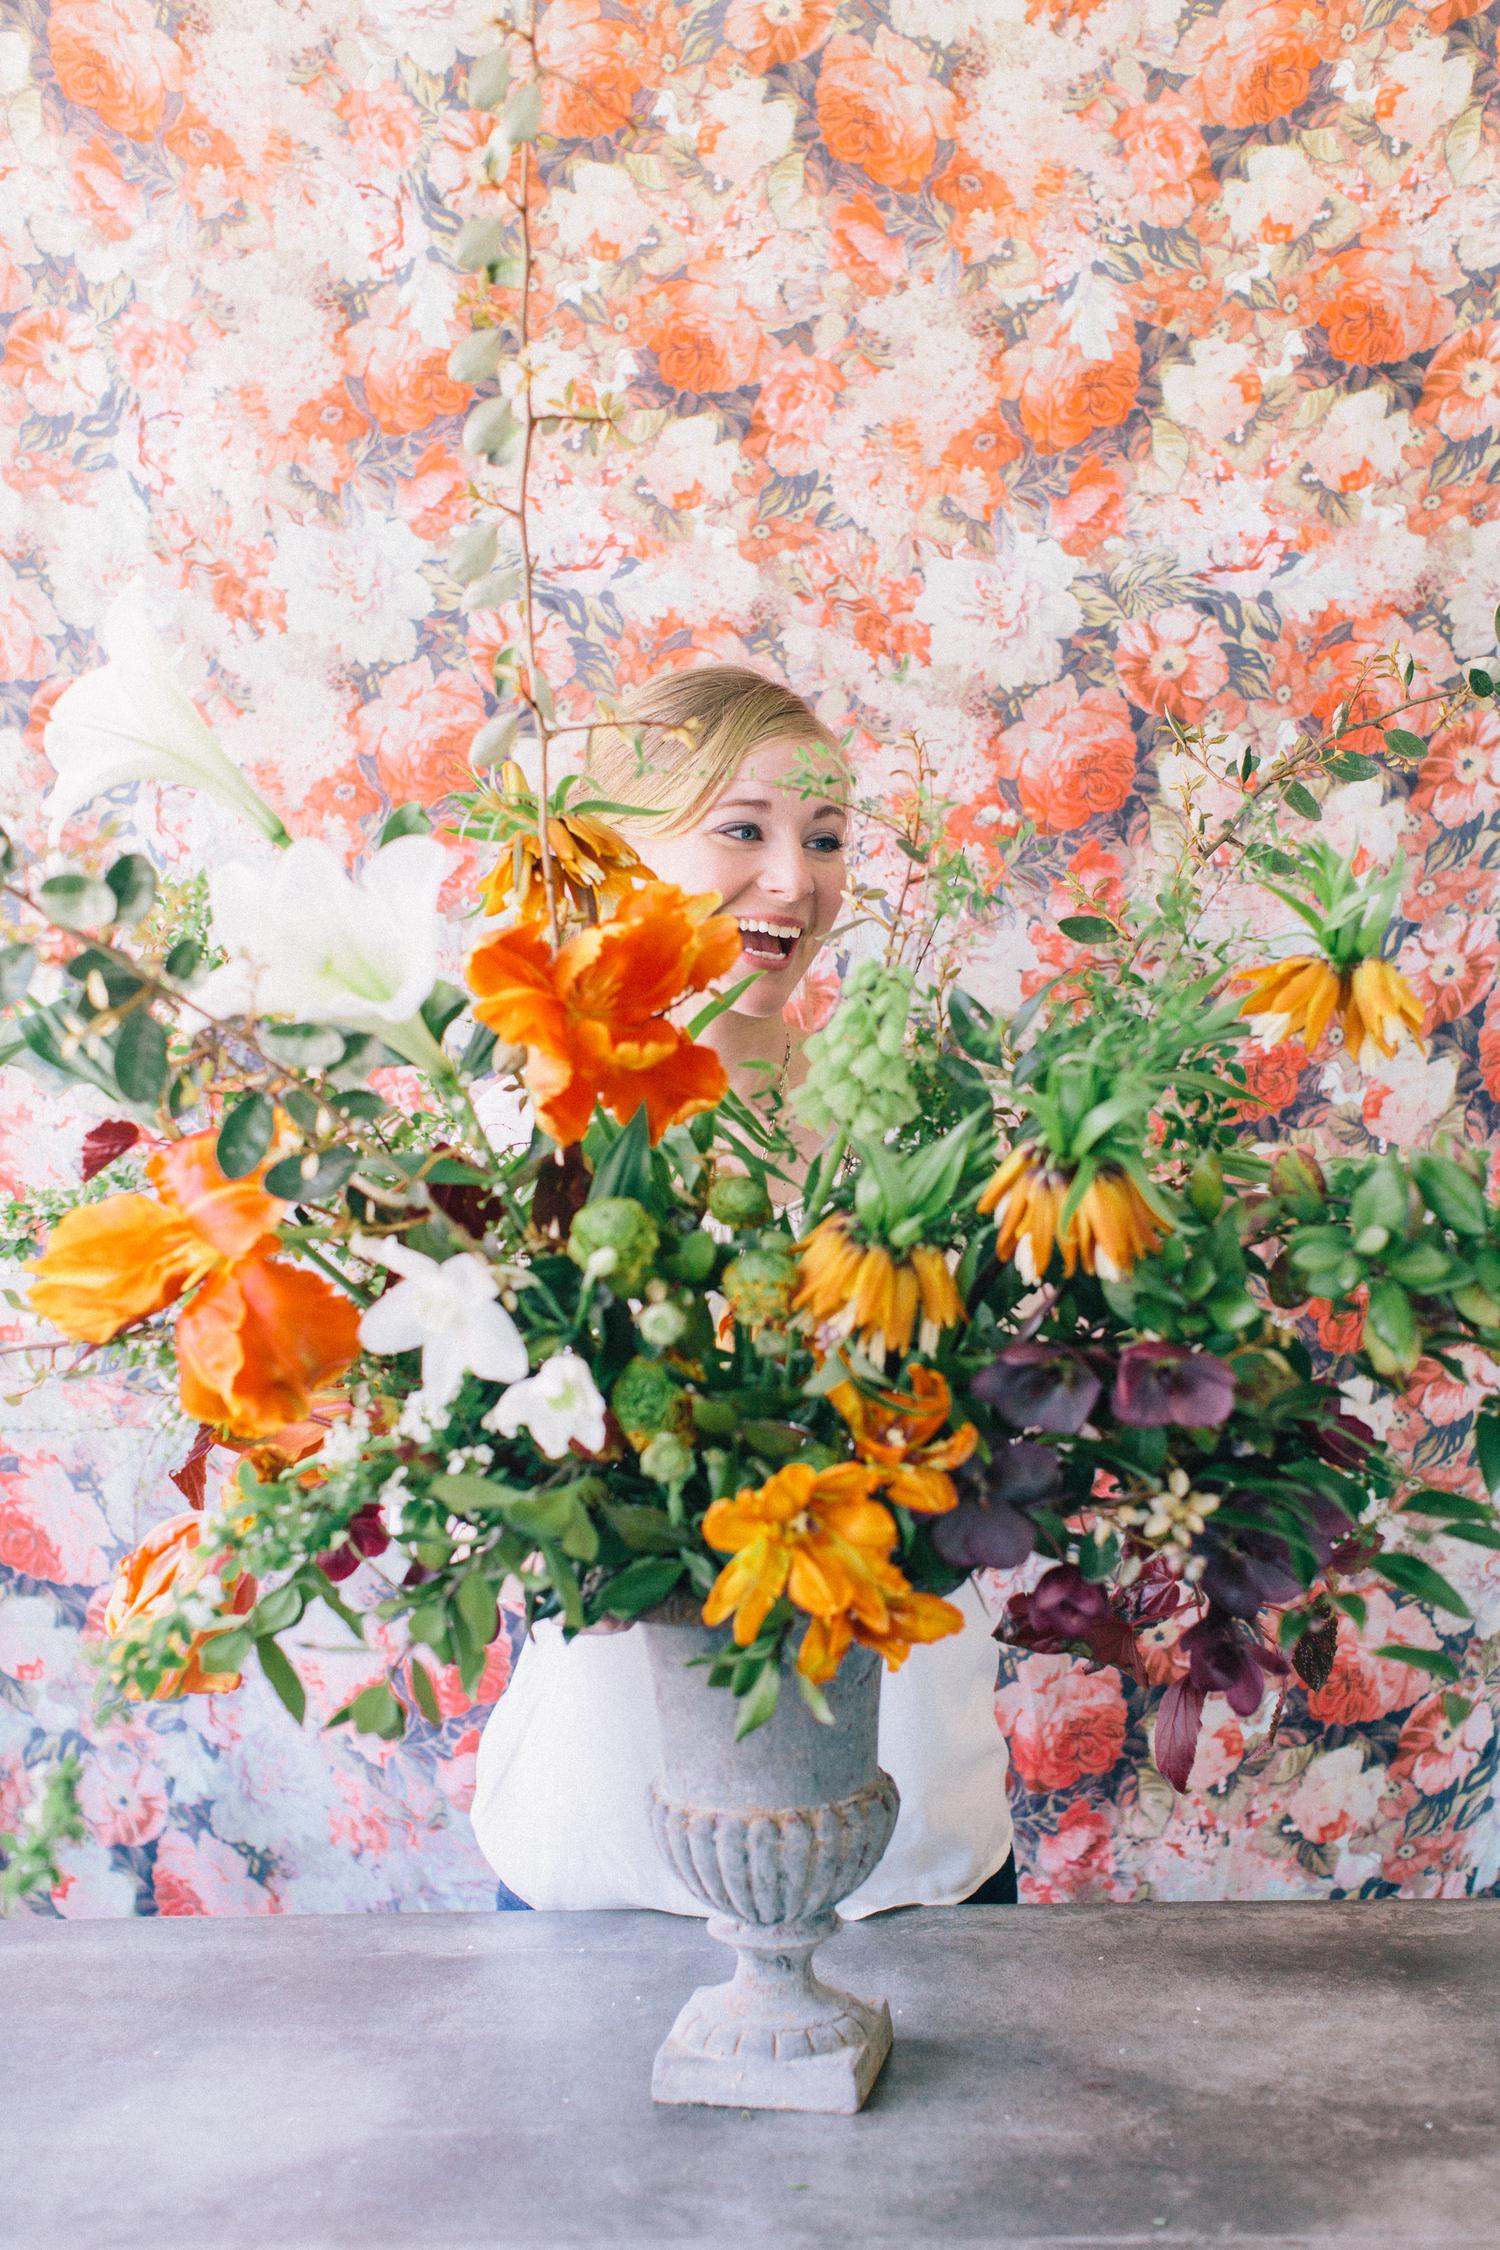 Ariella Chezar Workshop Philosophy Flowers Flowers Event